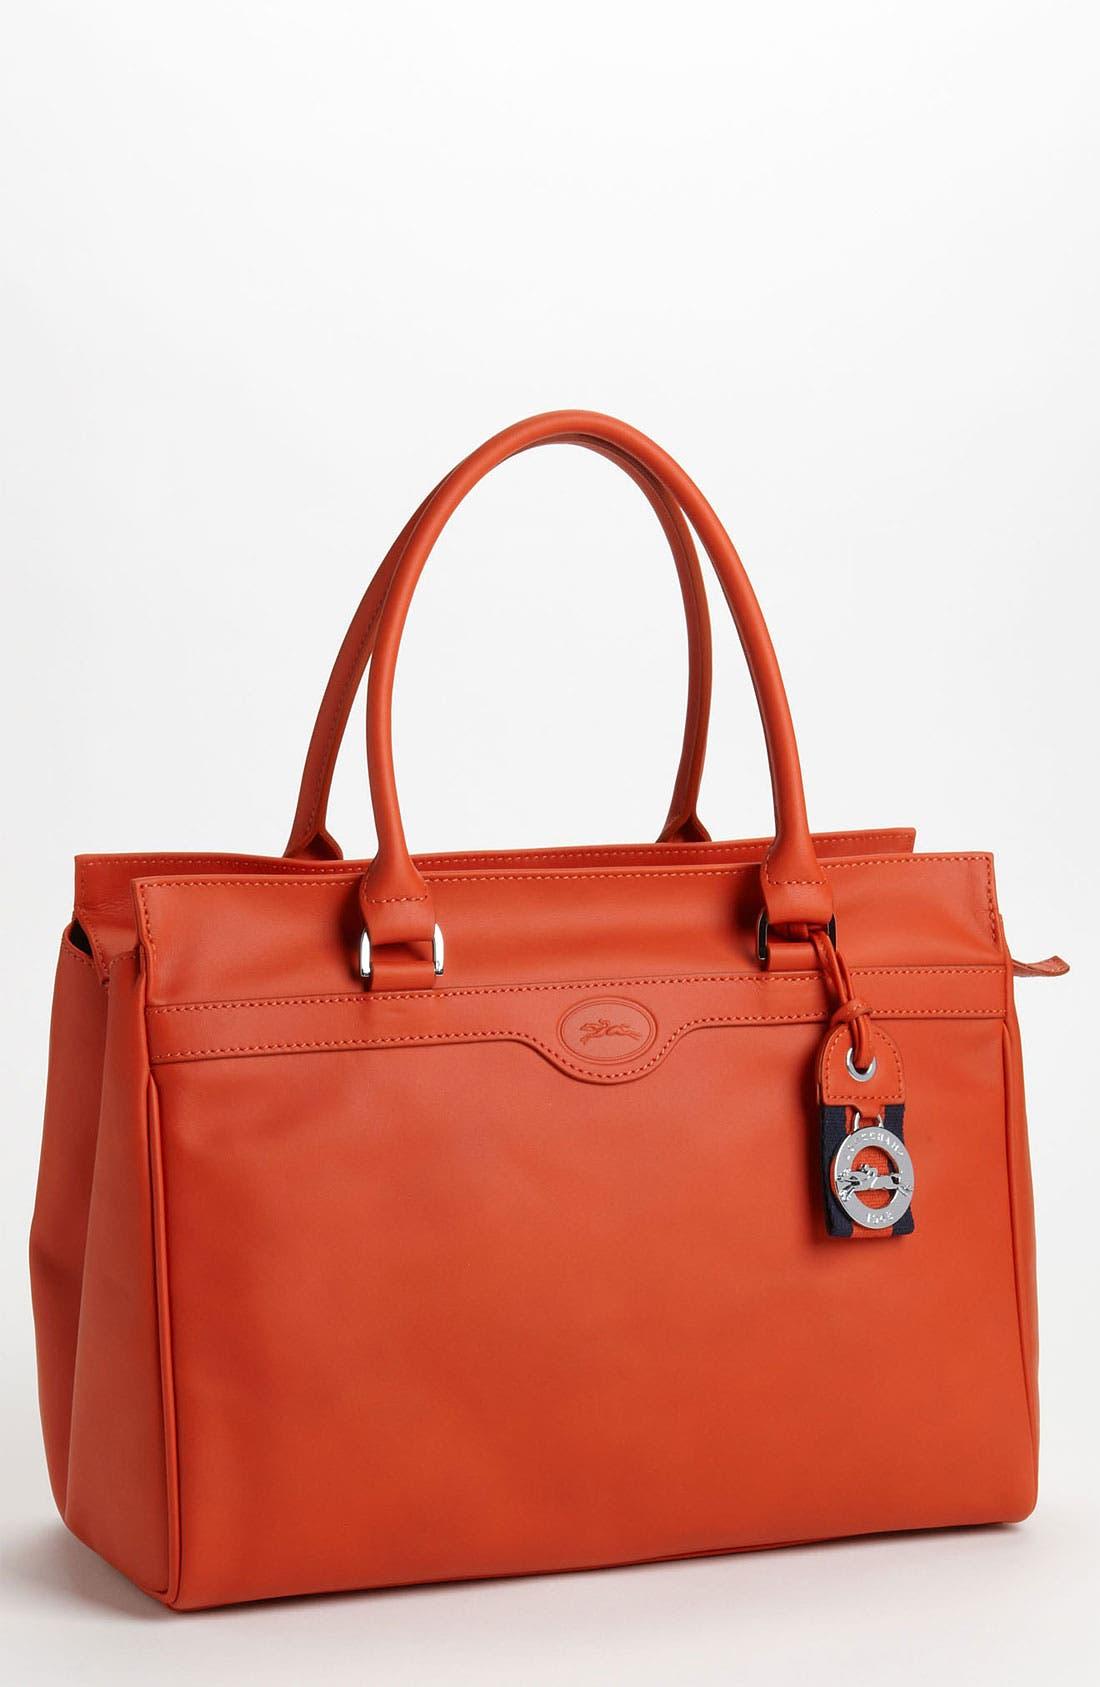 Alternate Image 1 Selected - Longchamp 'Au Sultan' Shoulder Bag